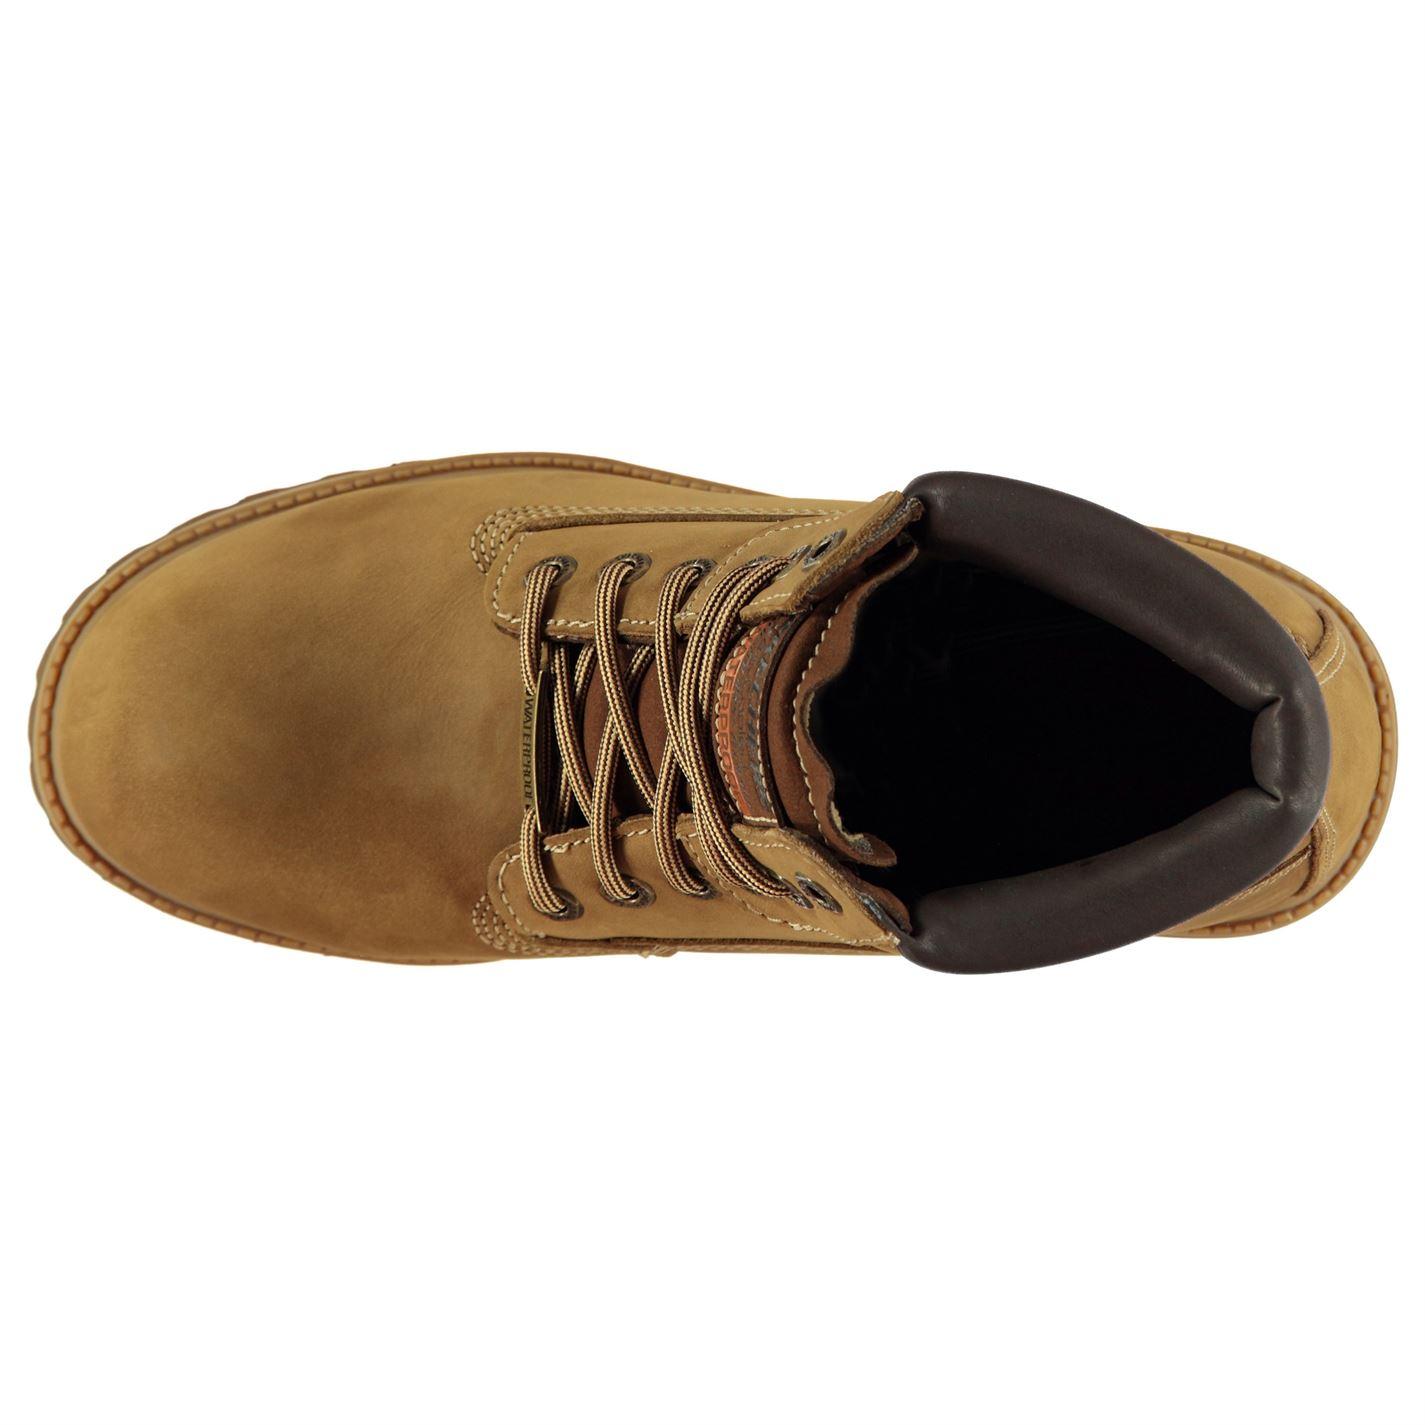 Agua los Skechers Veredicto Cordones días Zapatos Caballeros Hombres Botas Desierto Usa Todos Sujetados qPHqf6O